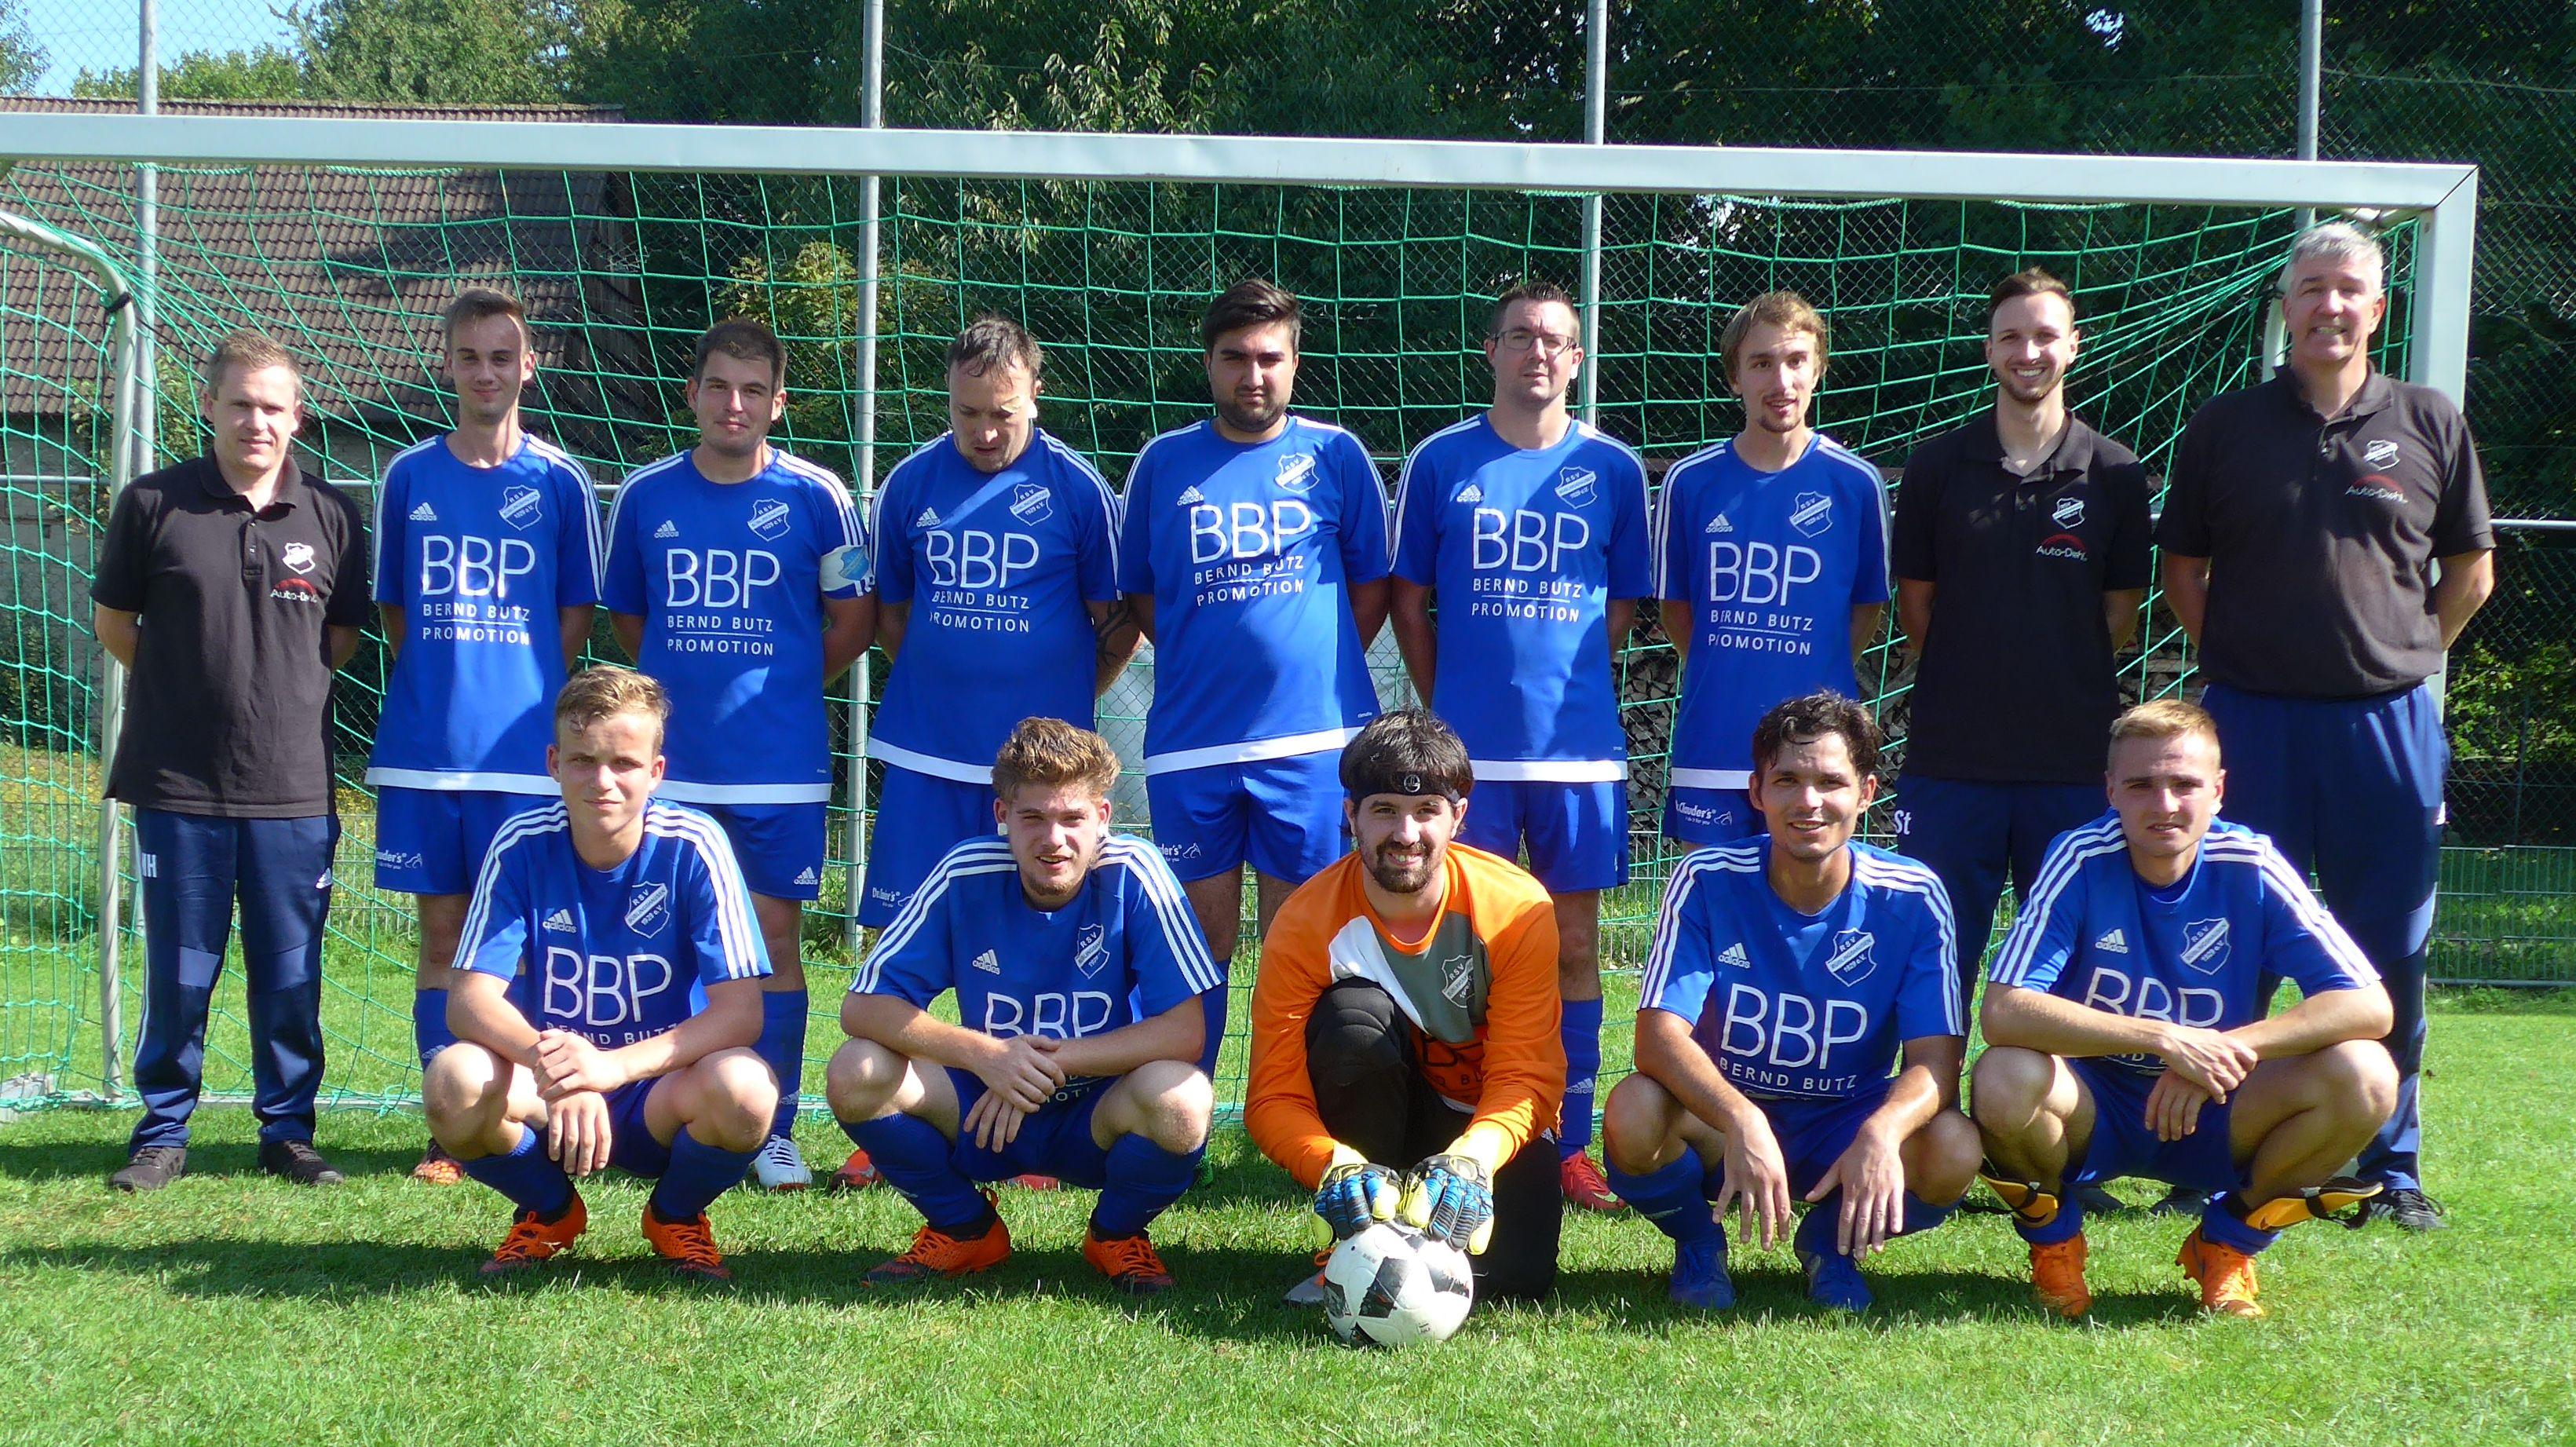 Fußball-ID: Letzter Spieltag in Klein-Linden – Hanisch gibt Traineramt auf